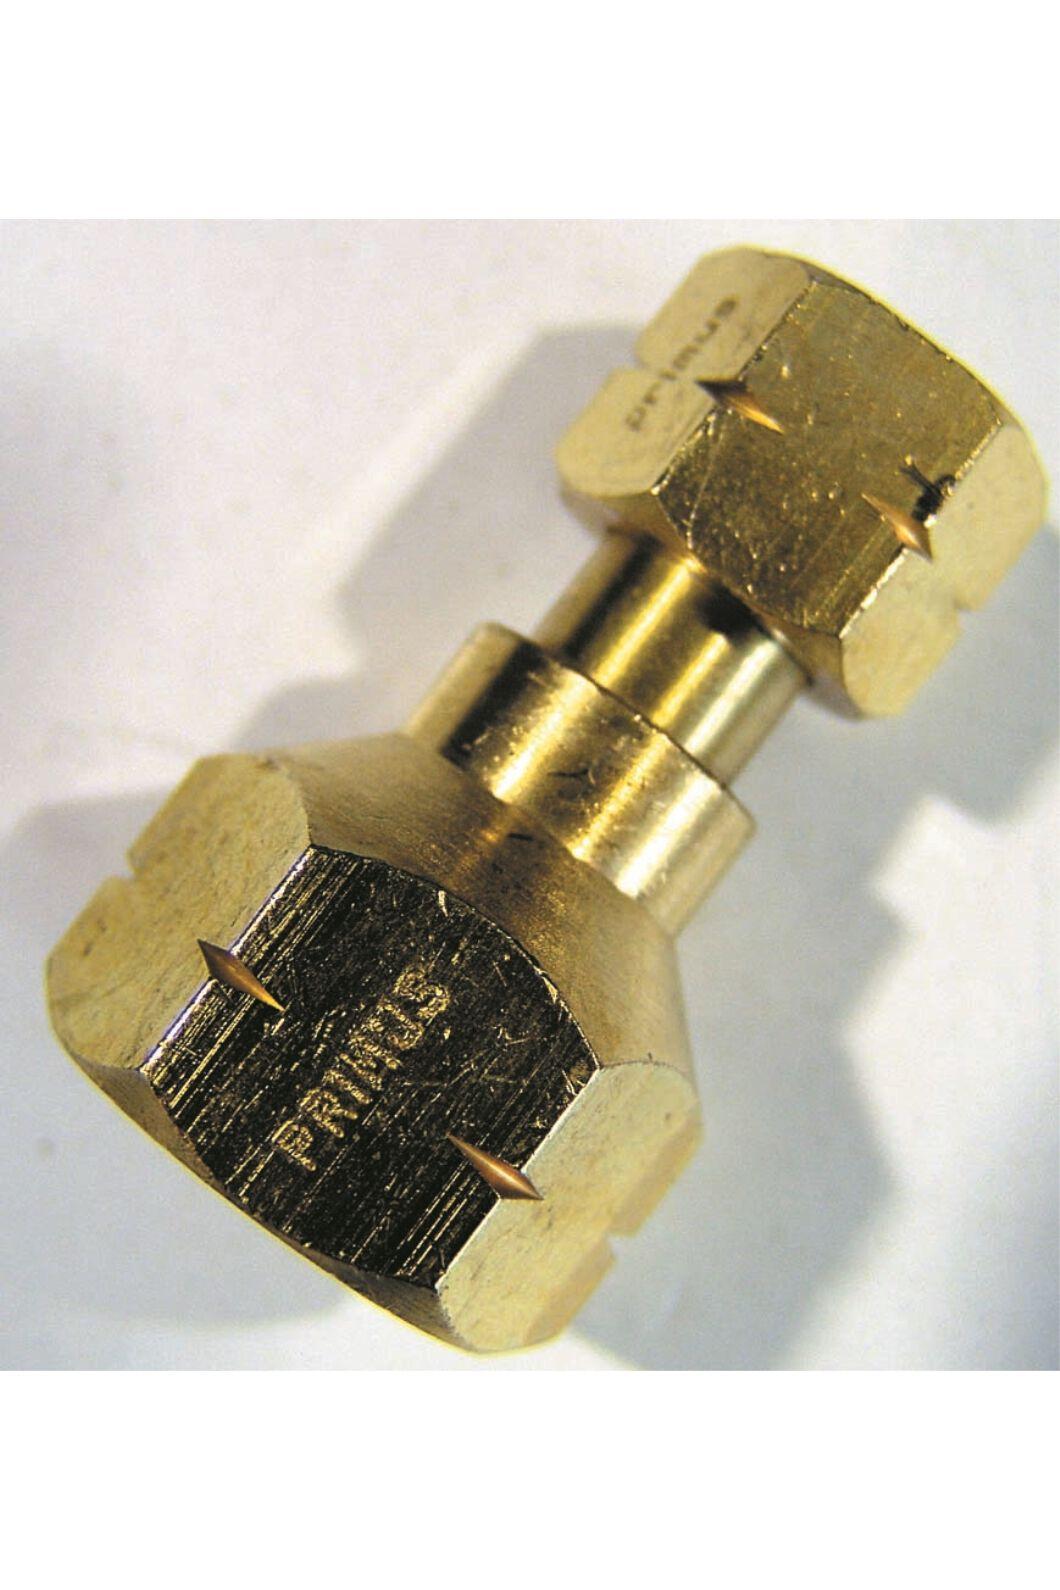 Primus POL to 3/8 LH Adaptor, None, hi-res